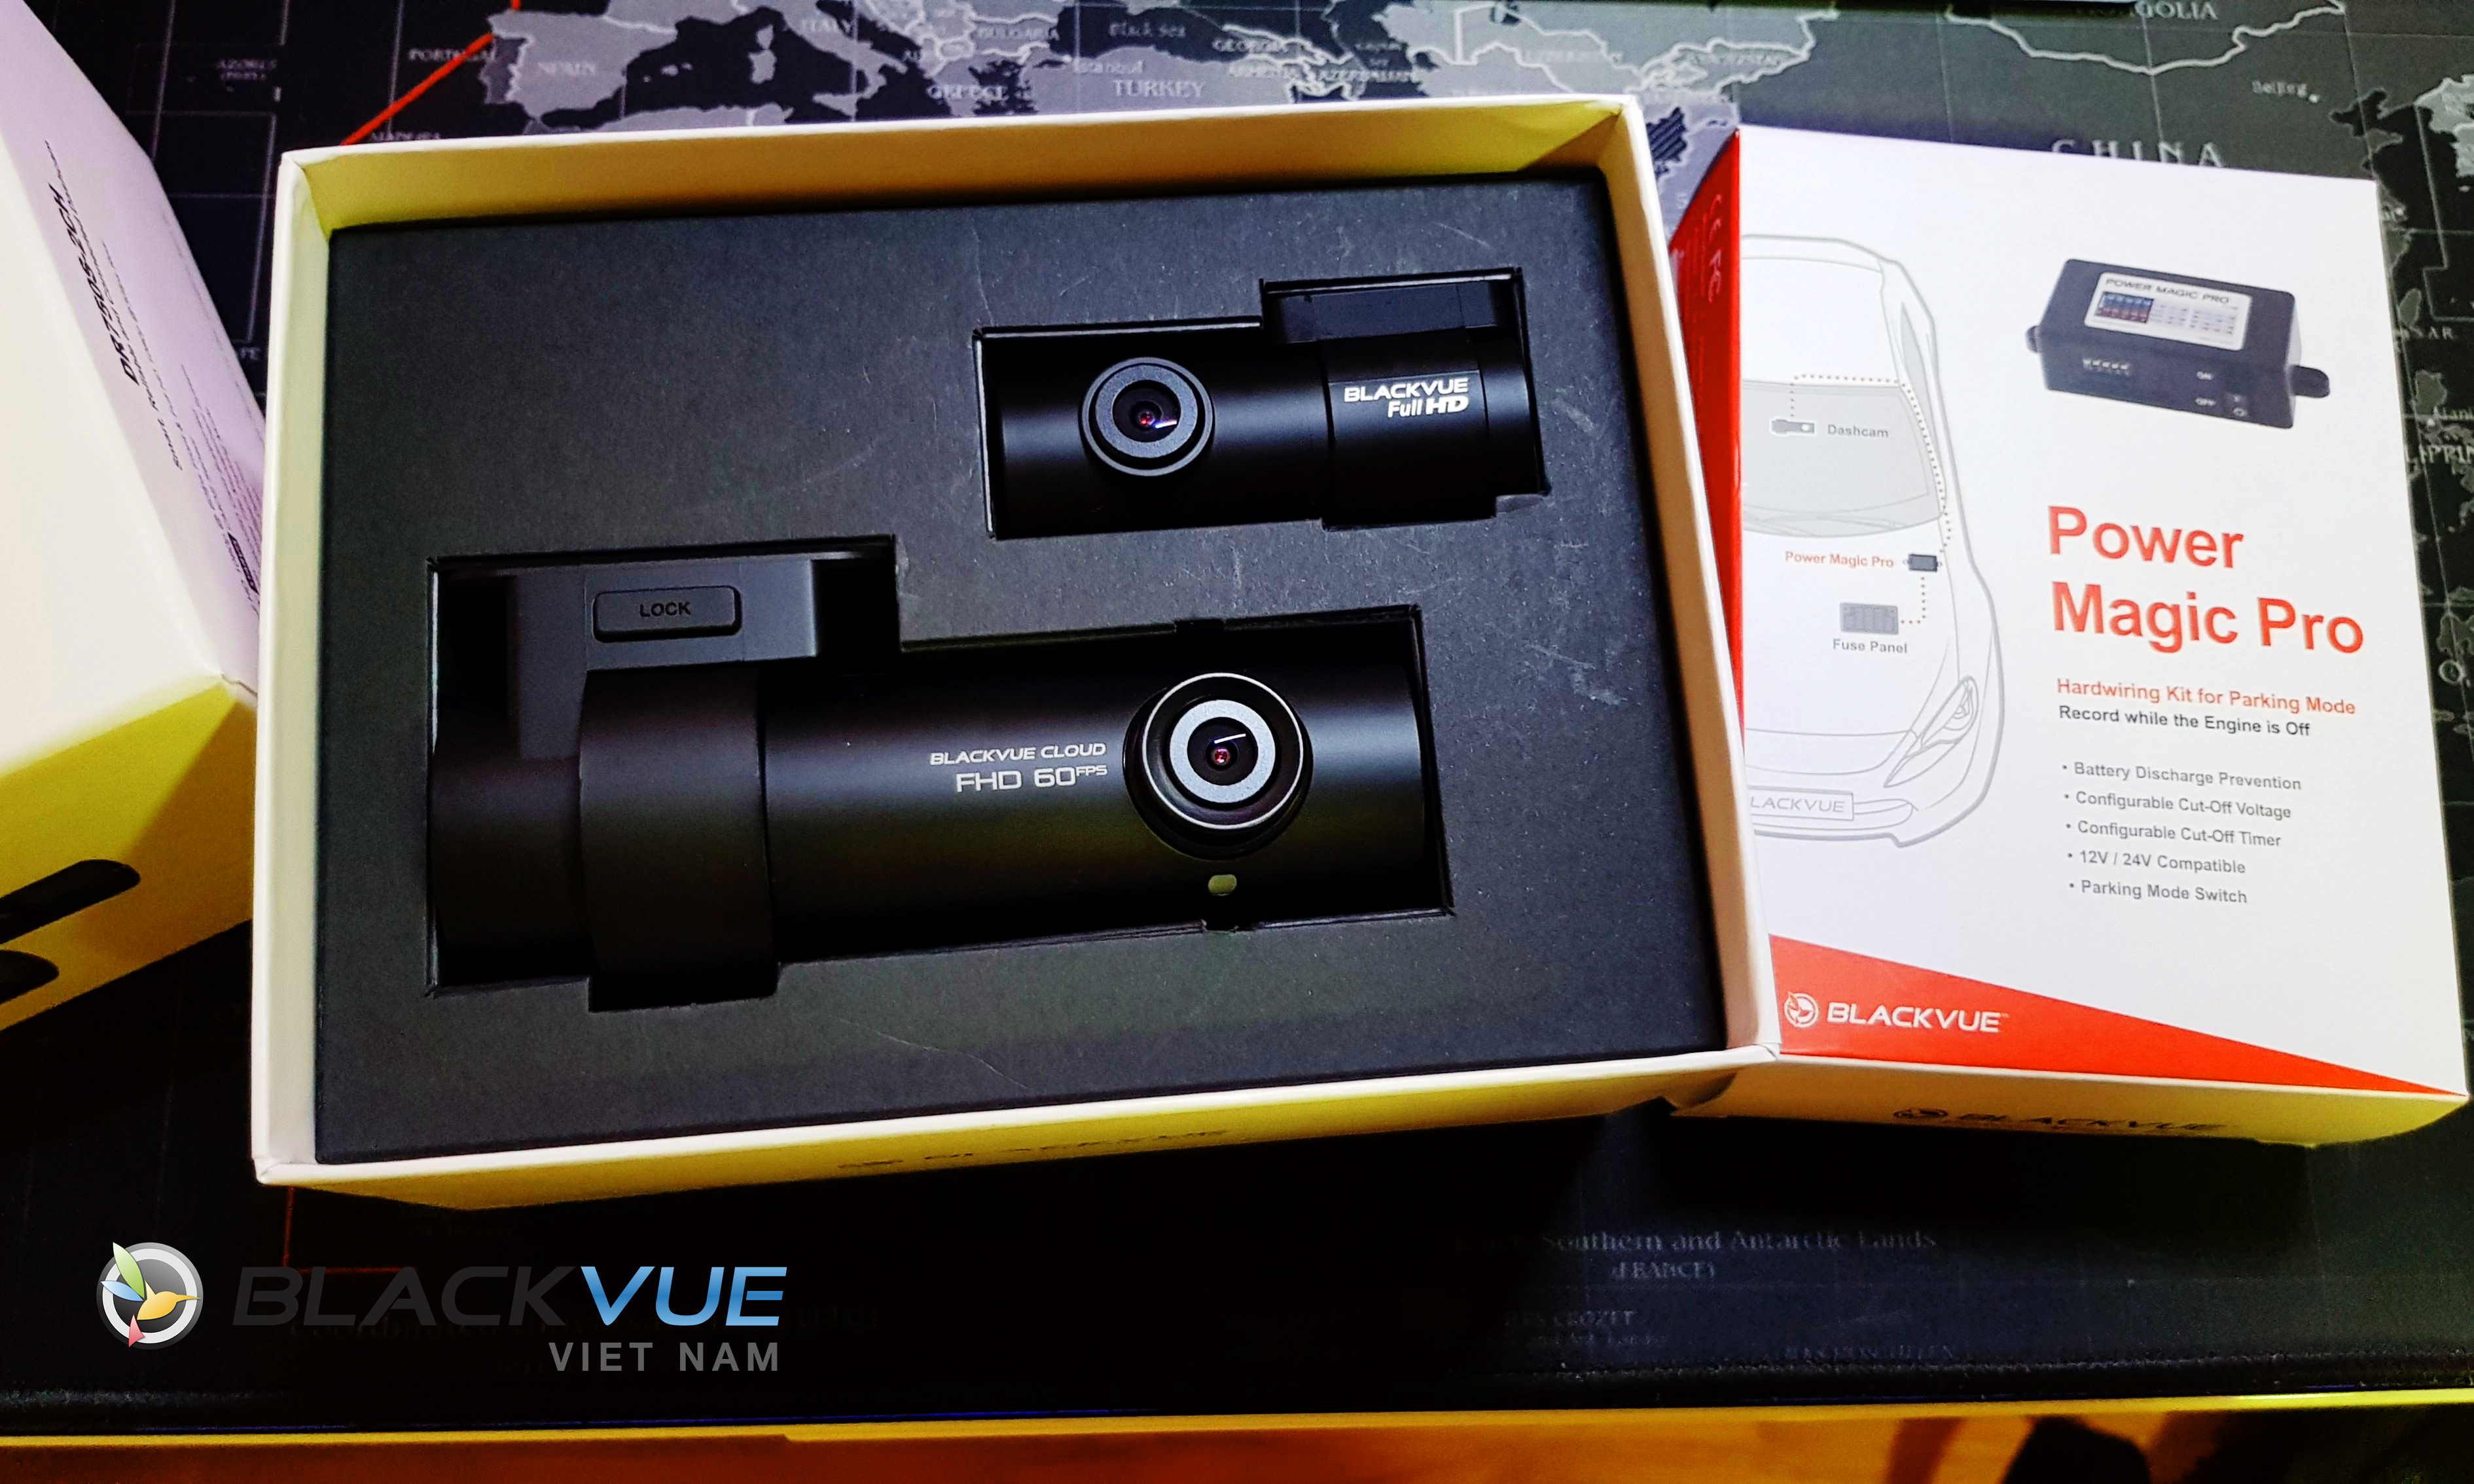 blackvue dr750 2 ch full hd plus power magic pro 1533777489 07ecac48 progressive - Khách hàng hiểu công nghệ chọn Blackvue DR750S-2CH kết hợp với Volvo cho sự an toàn tuyệt vời